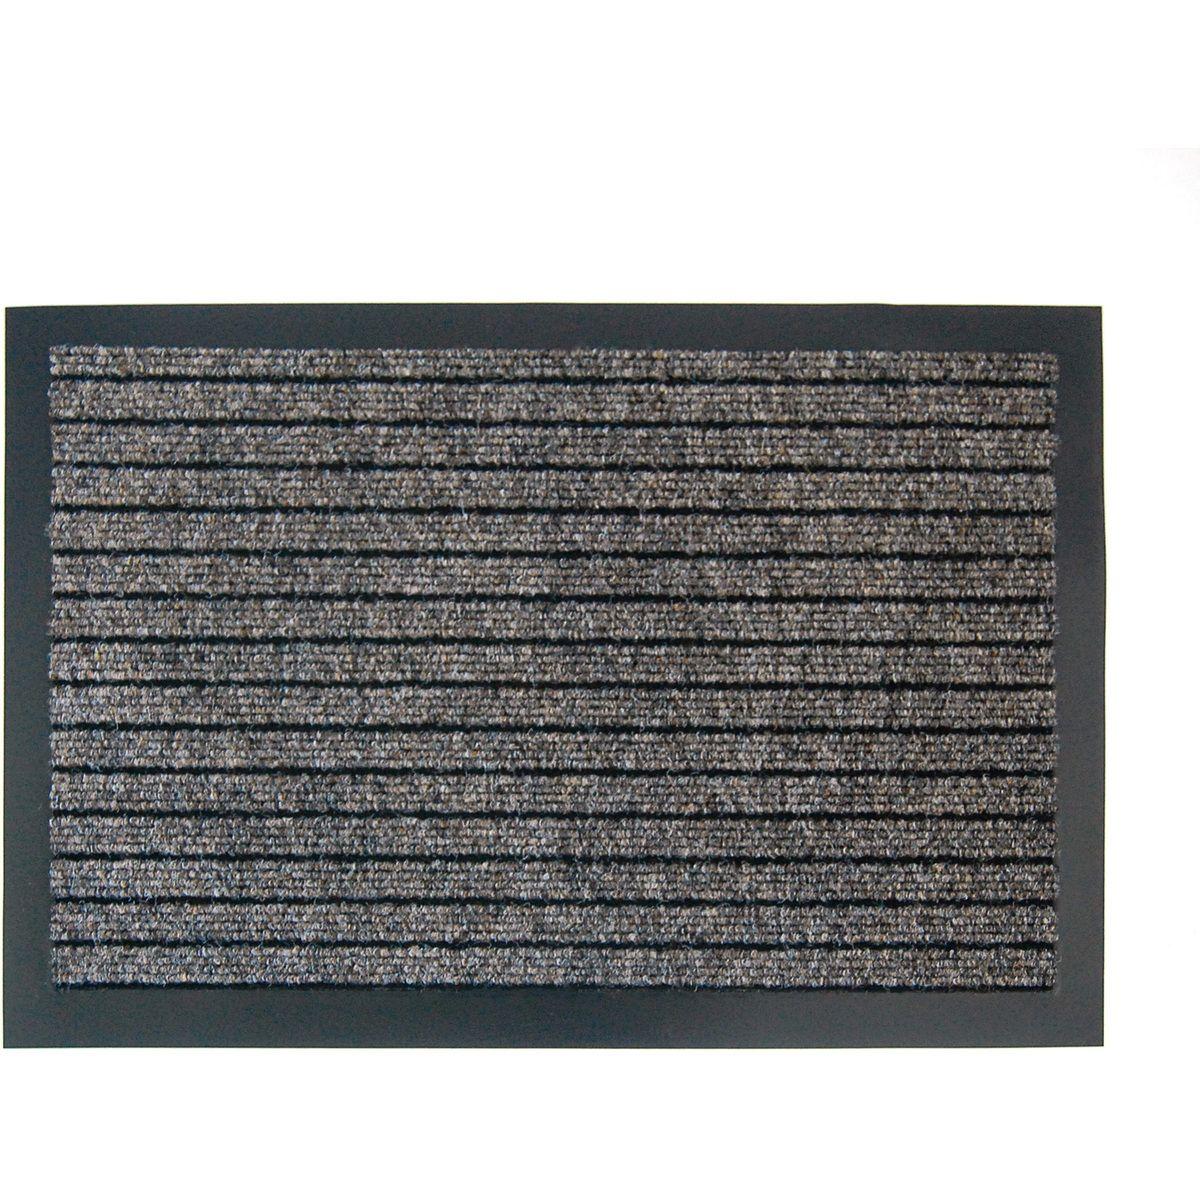 Коврик придверный грязезащитный Beaulieu Real Dura Mat 1861 бежевый 1000*1500ммПридверные коврики<br><br><br>Бренд: Beaulieu Real<br>Страна-изготовитель: Бельгия<br>Форма ковра: прямоугольник<br>Материал ворса коврового покрытия: Полипропилен<br>Высота ворса коврового покрытия (мм): 3<br>Общая толщина ковра (мм): 5,5<br>Длина ковра (мм): 1500<br>Ширина ковра (мм): 1000<br>Вес ворса коврового покрытия (гр/м2): 950<br>Придверный коврик: да<br>Цвет коврового покрытия: Бежевый